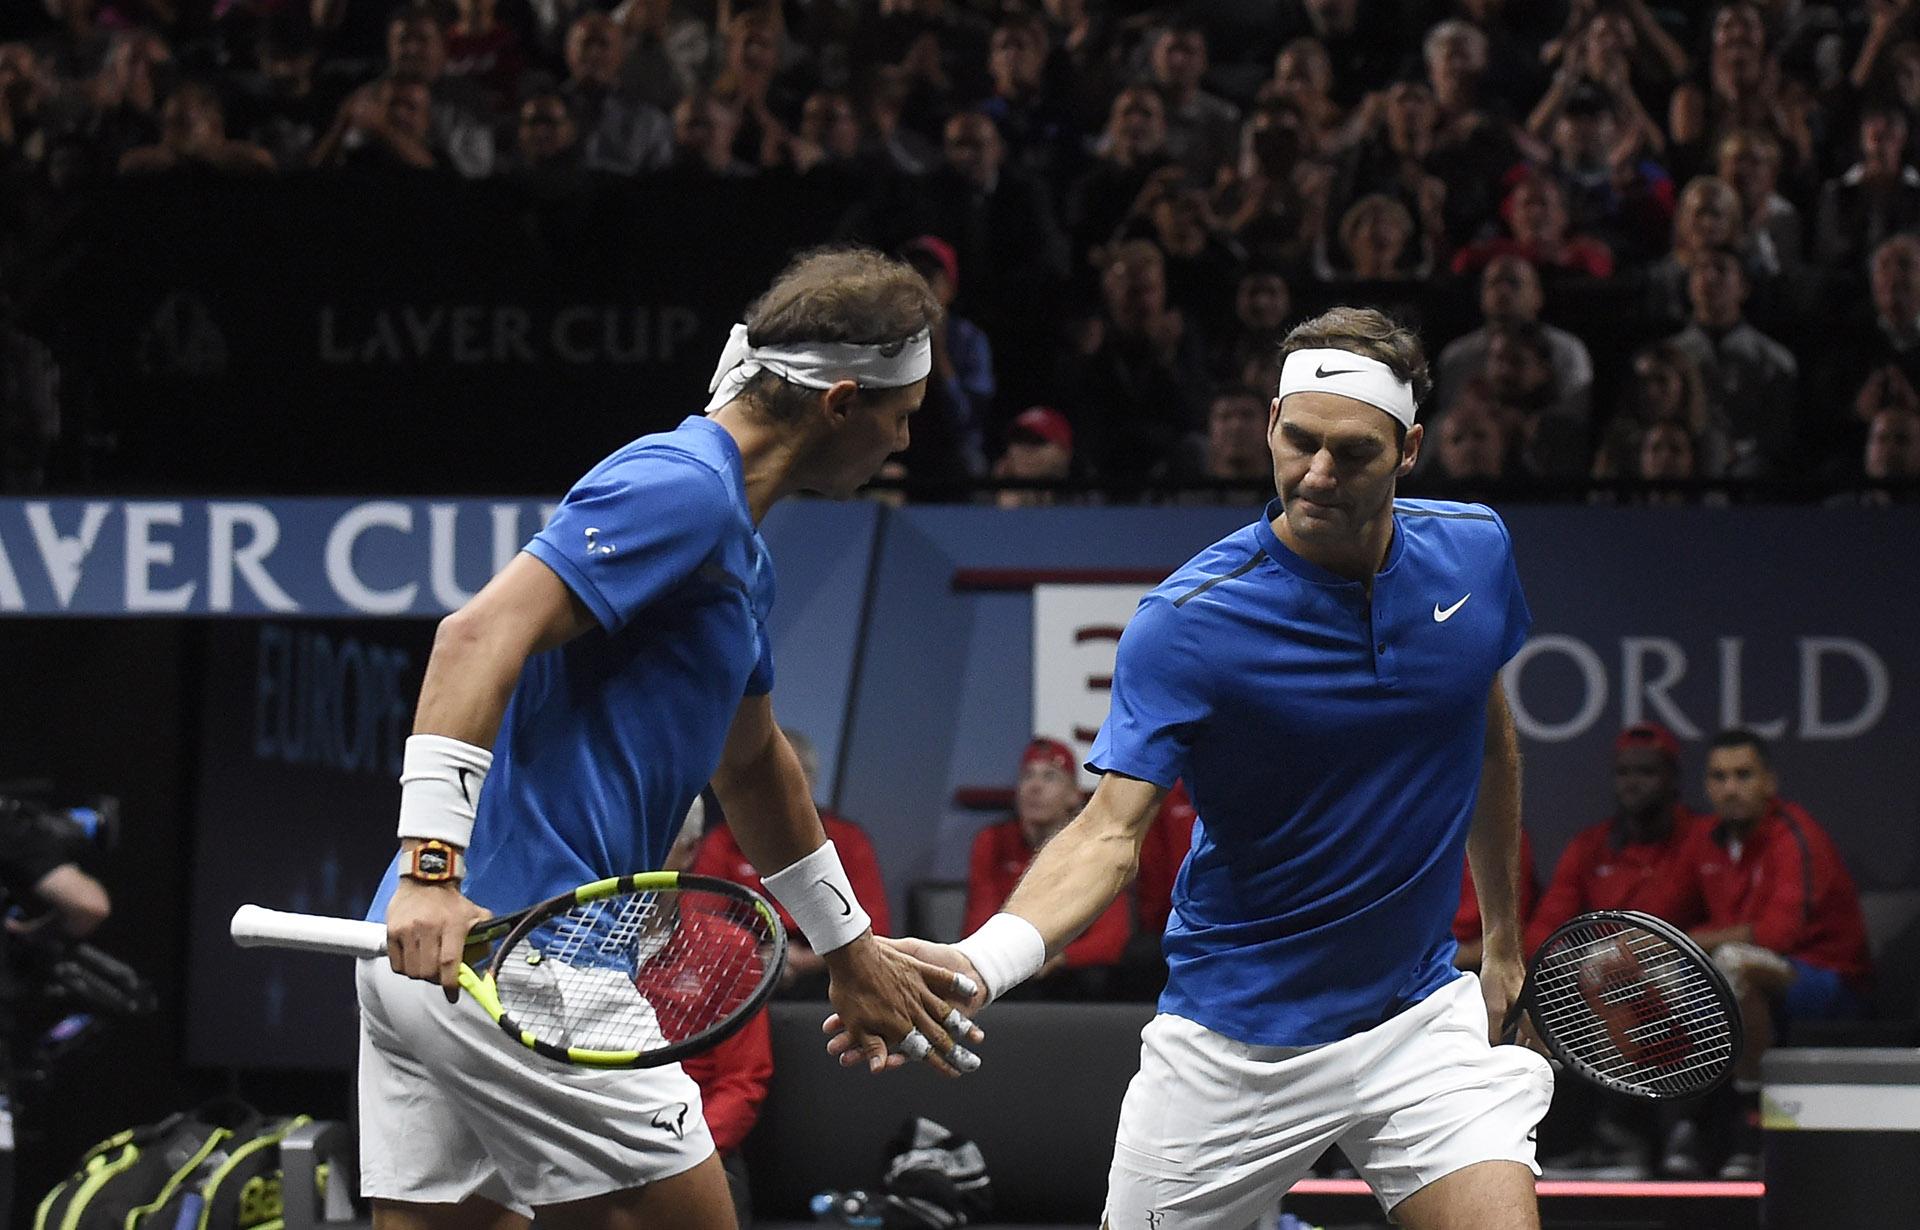 Los número uno y dos del ranking ATP lograron dos valiosos puntos para Europa